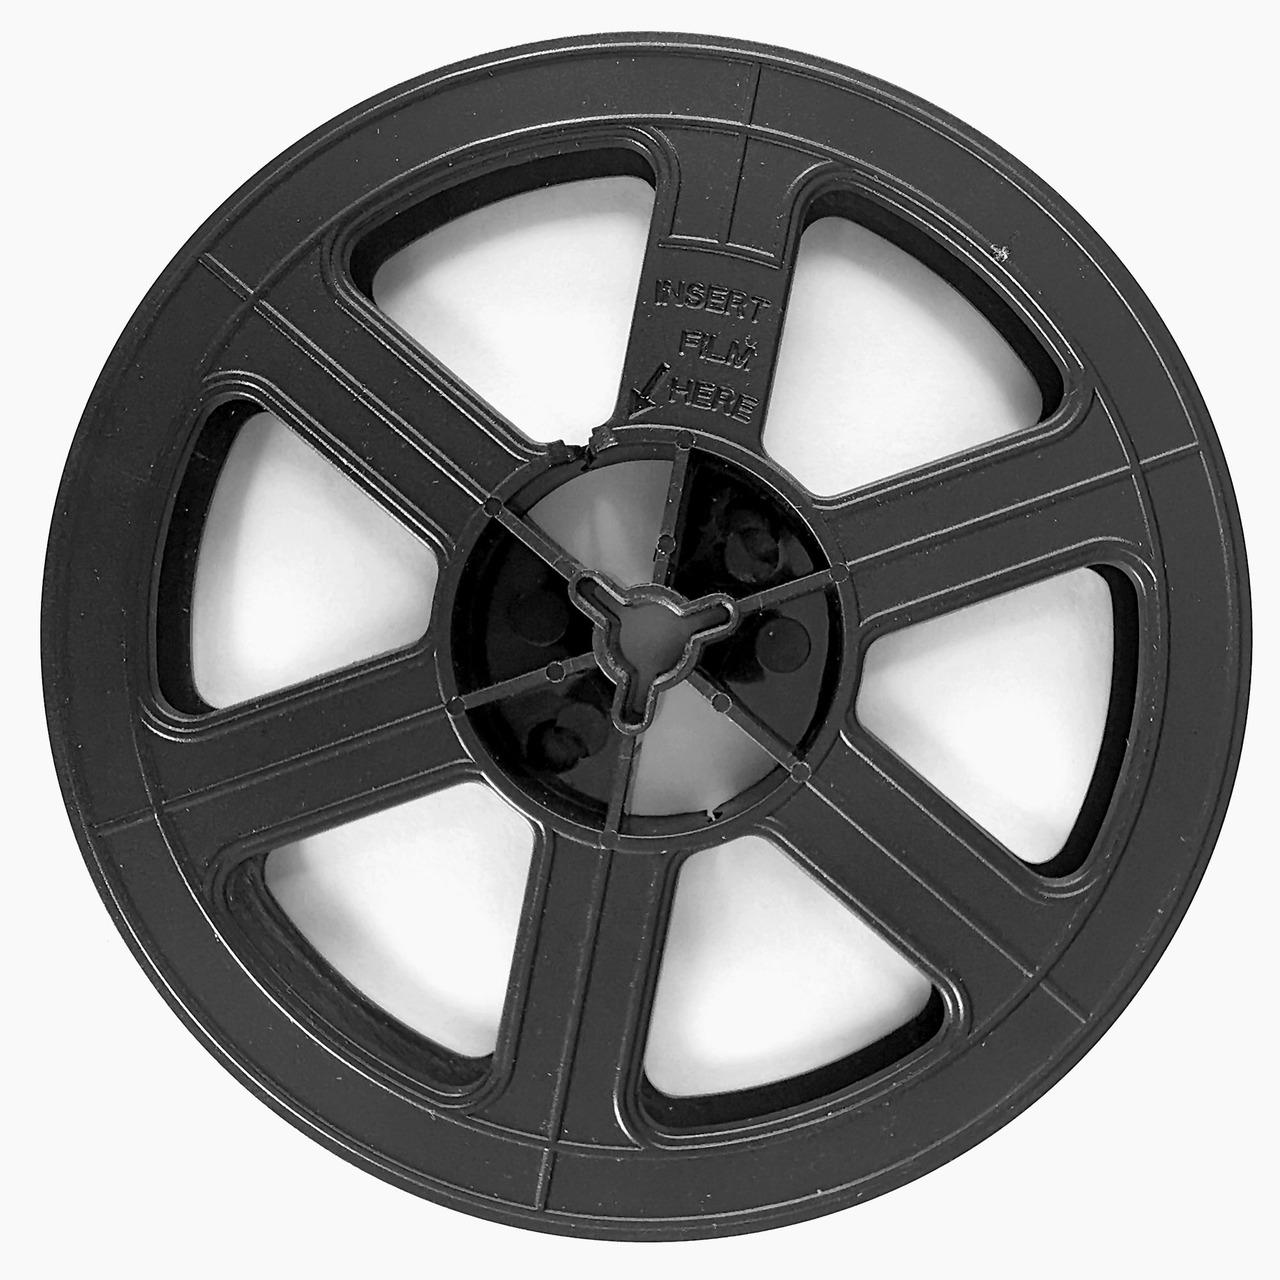 reflecta Ersatzspule für Super-8-Filme- geeignet für S8N8 und Super 8+